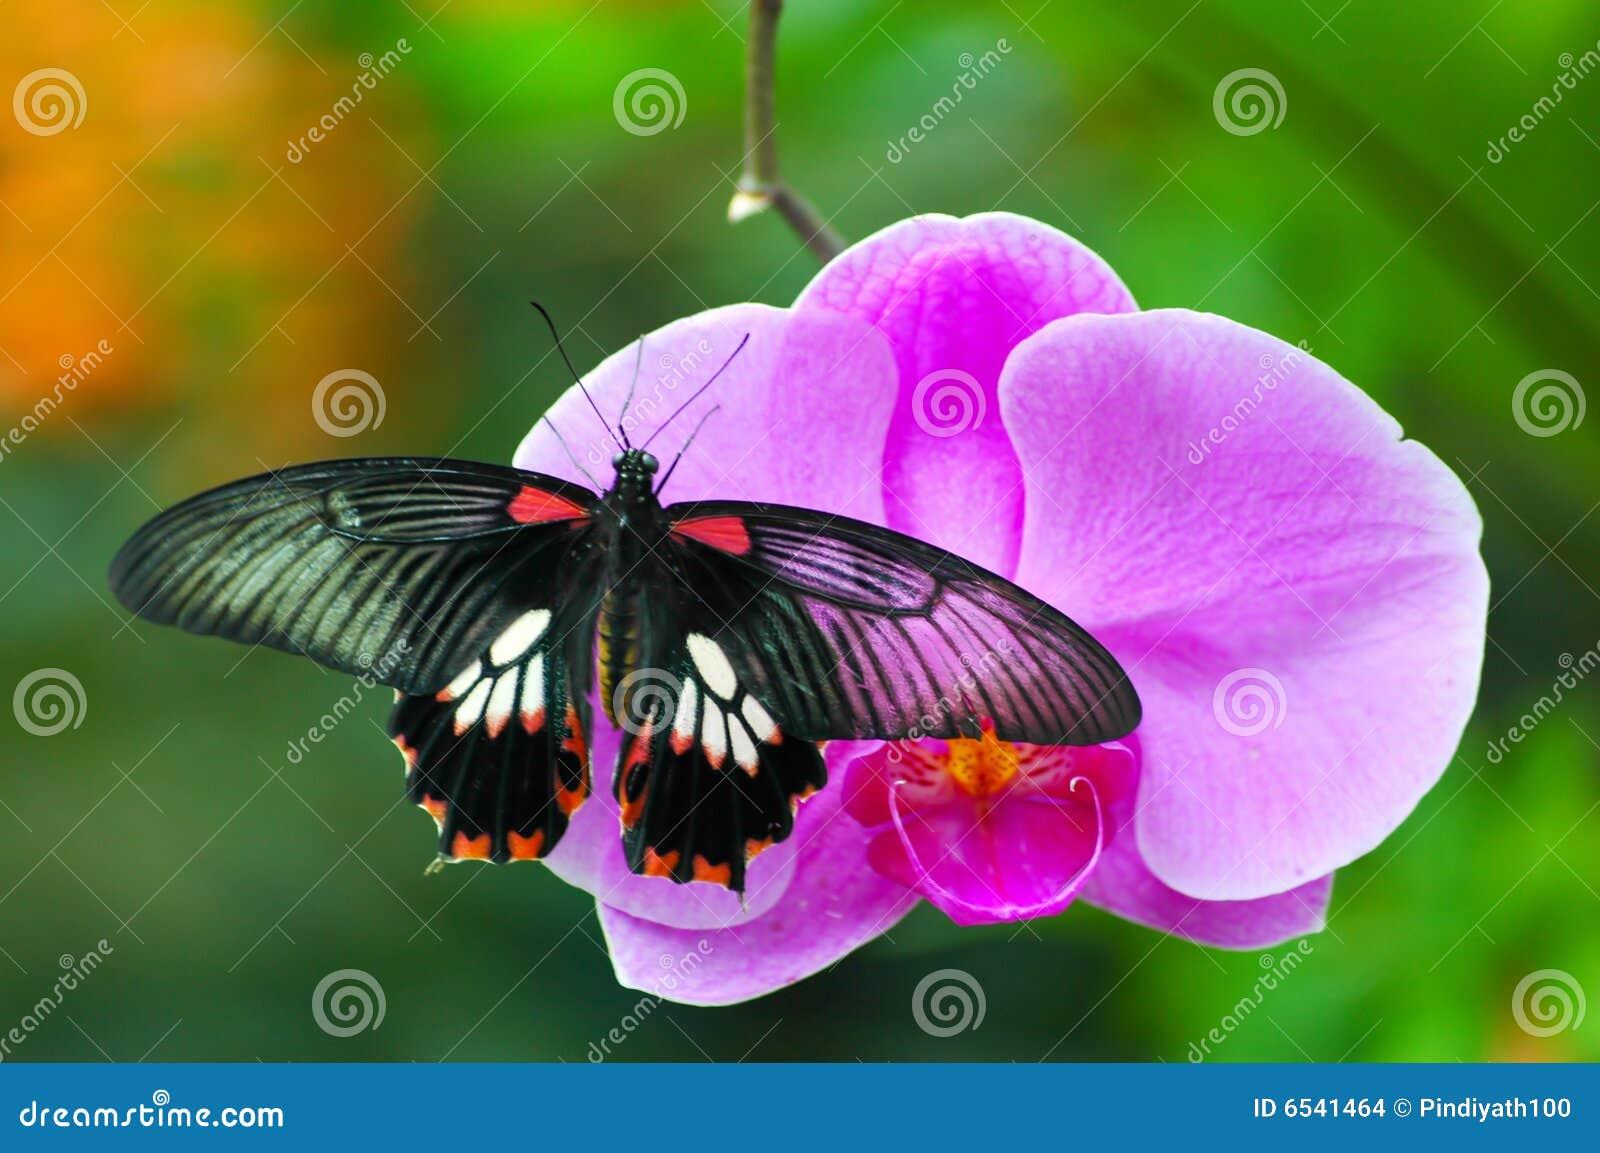 21 mooie kleurrijke vlinder - photo #2